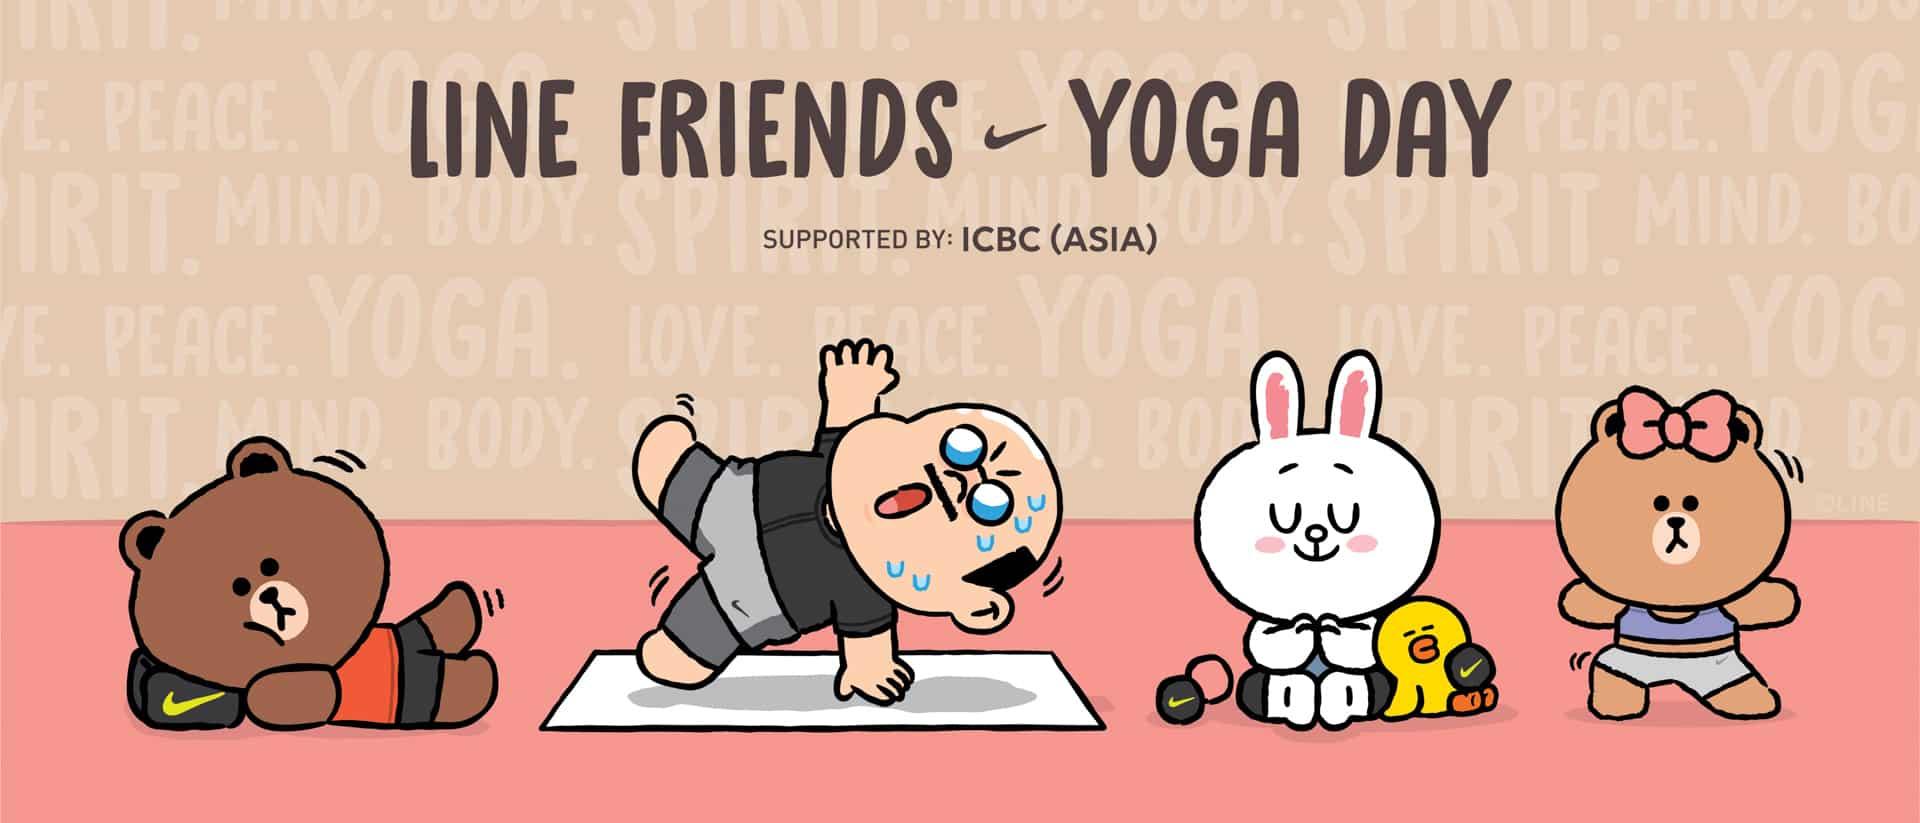 全球首個LINE FRIENDS瑜伽體驗|《LINE FRIENDS YOGA DAY》全球首個LINE FRIENDS瑜伽體驗 《LINE FRIENDS YOGA DAY》,將於今年6月21日以網上直播形式舉行。